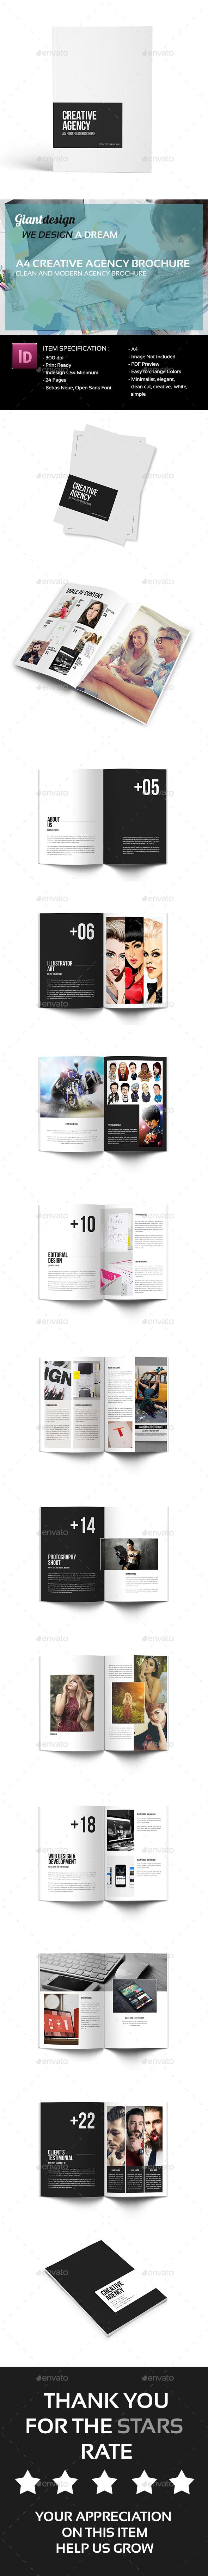 Creative Agency - A4 Portfolio Brochure - Portfolio Brochures